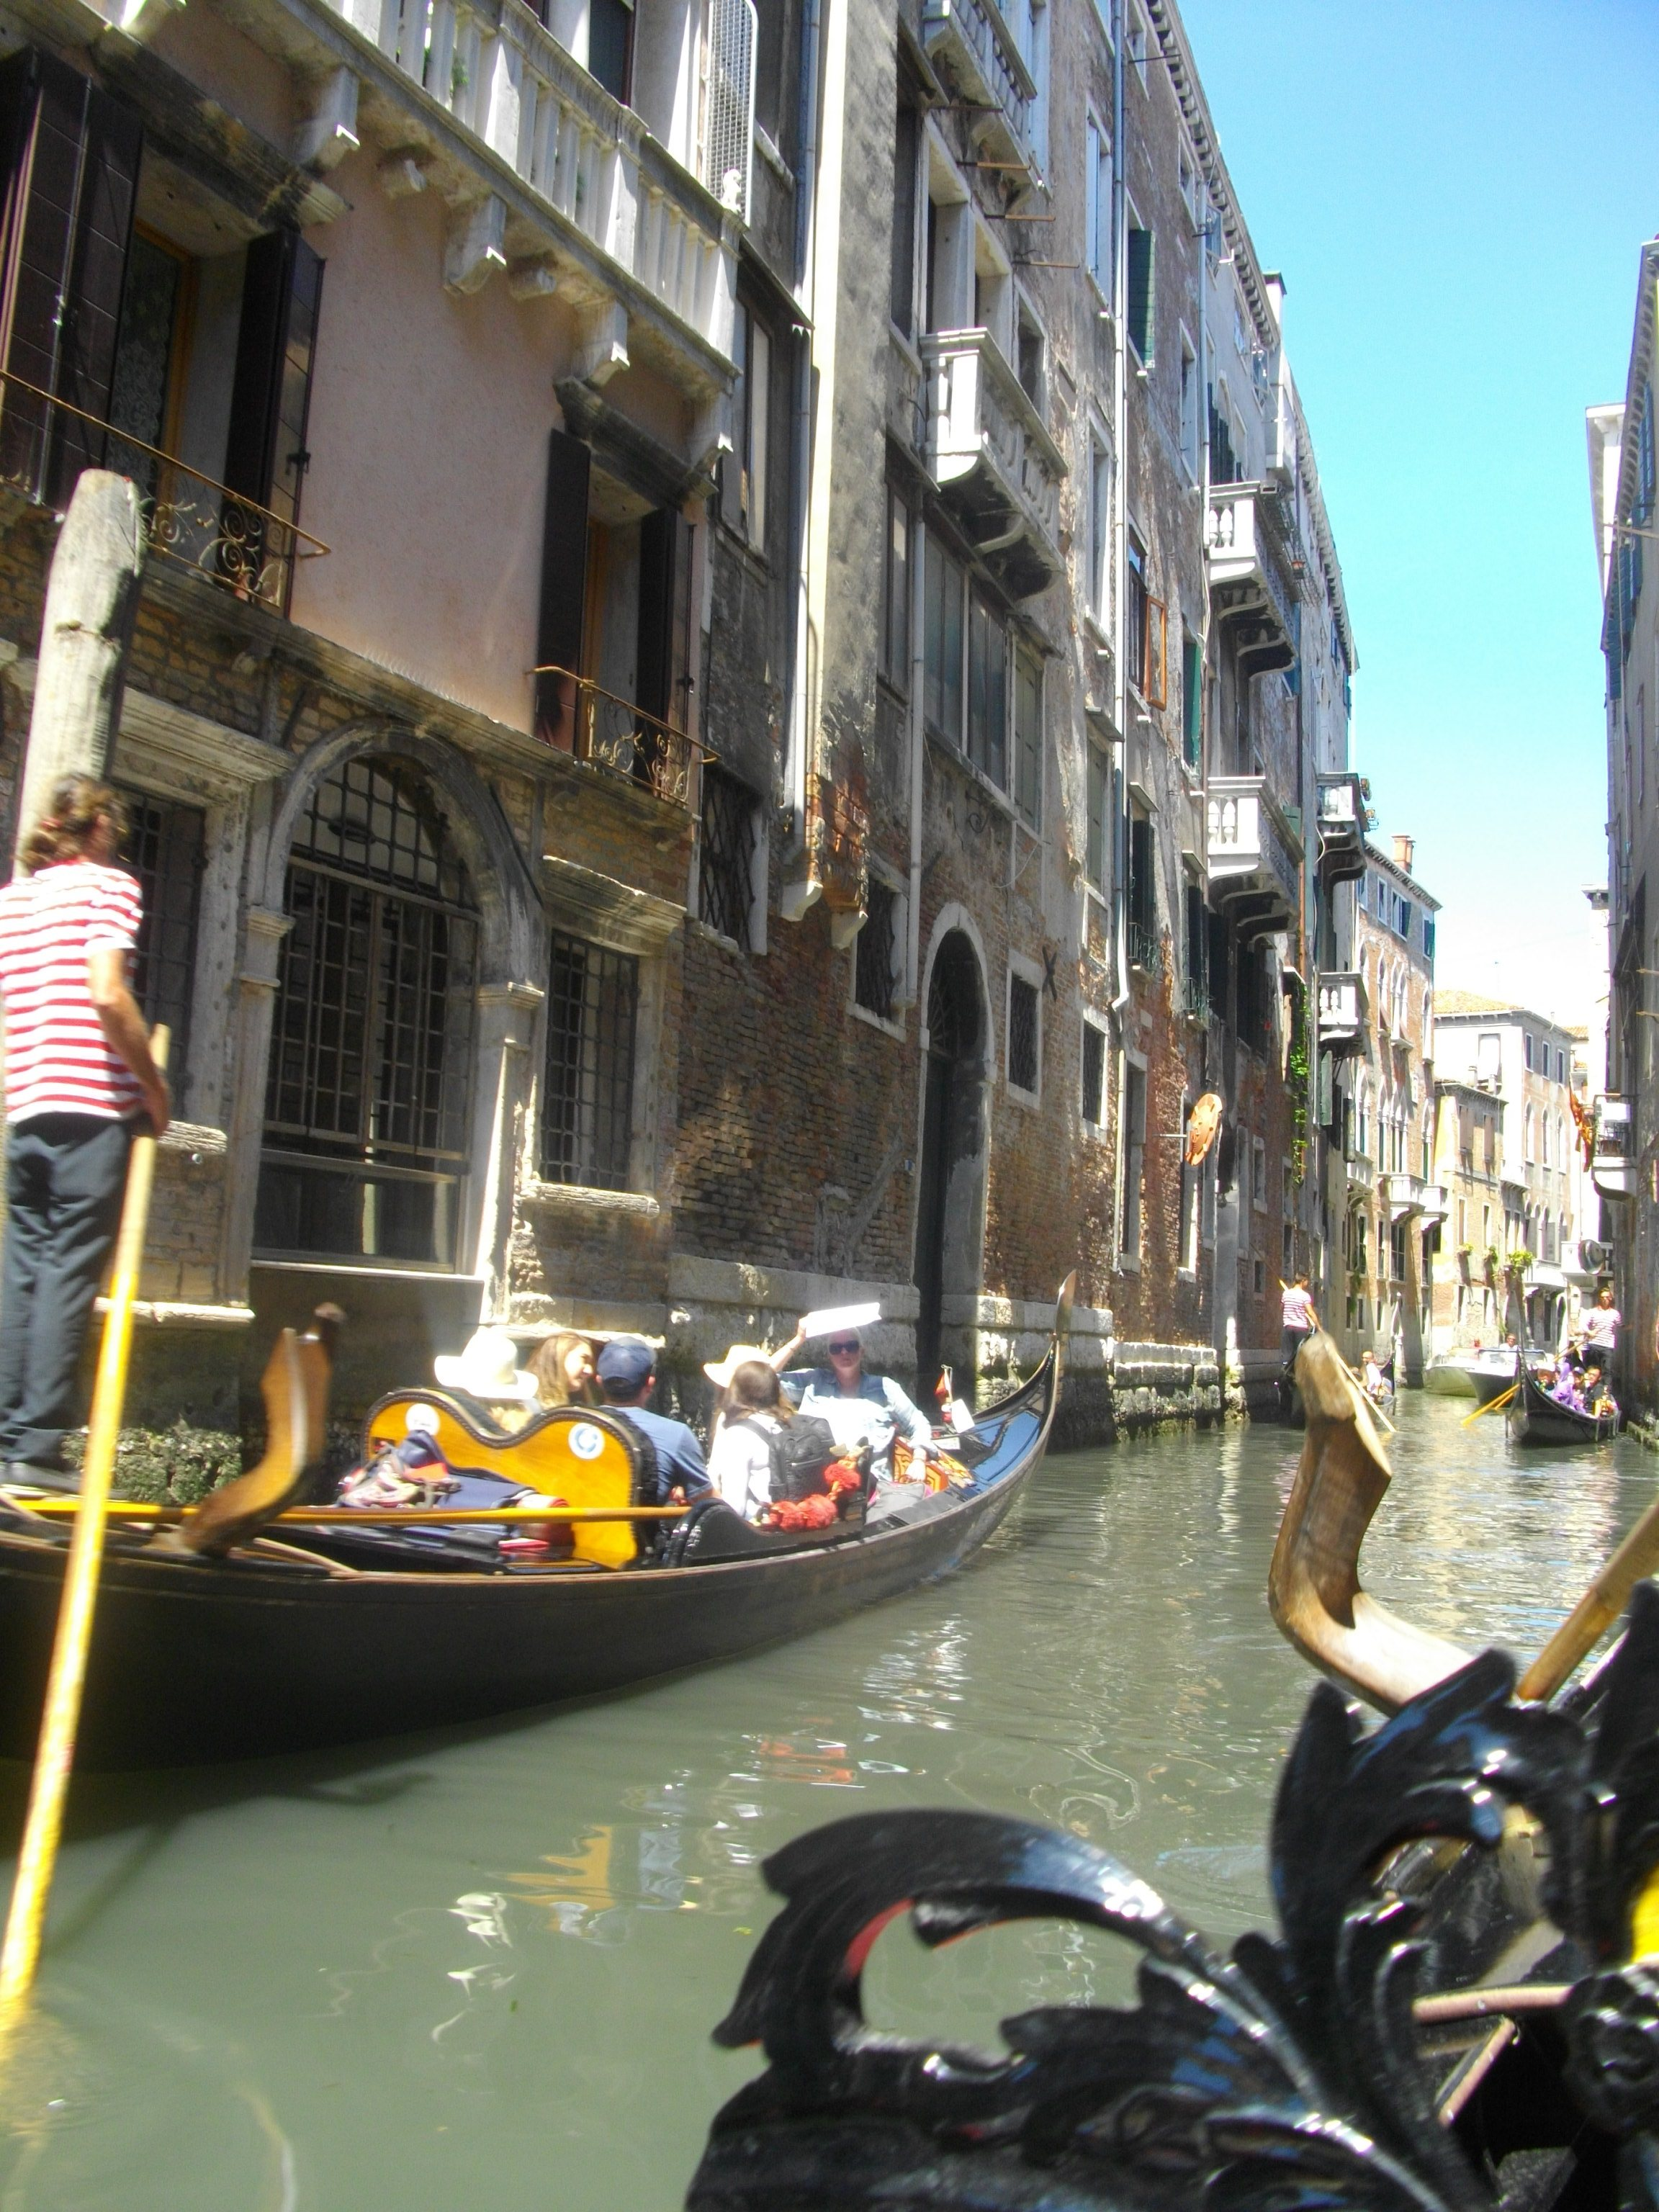 Mein Schiff Ausflug: Gondelfahrt in Venedig